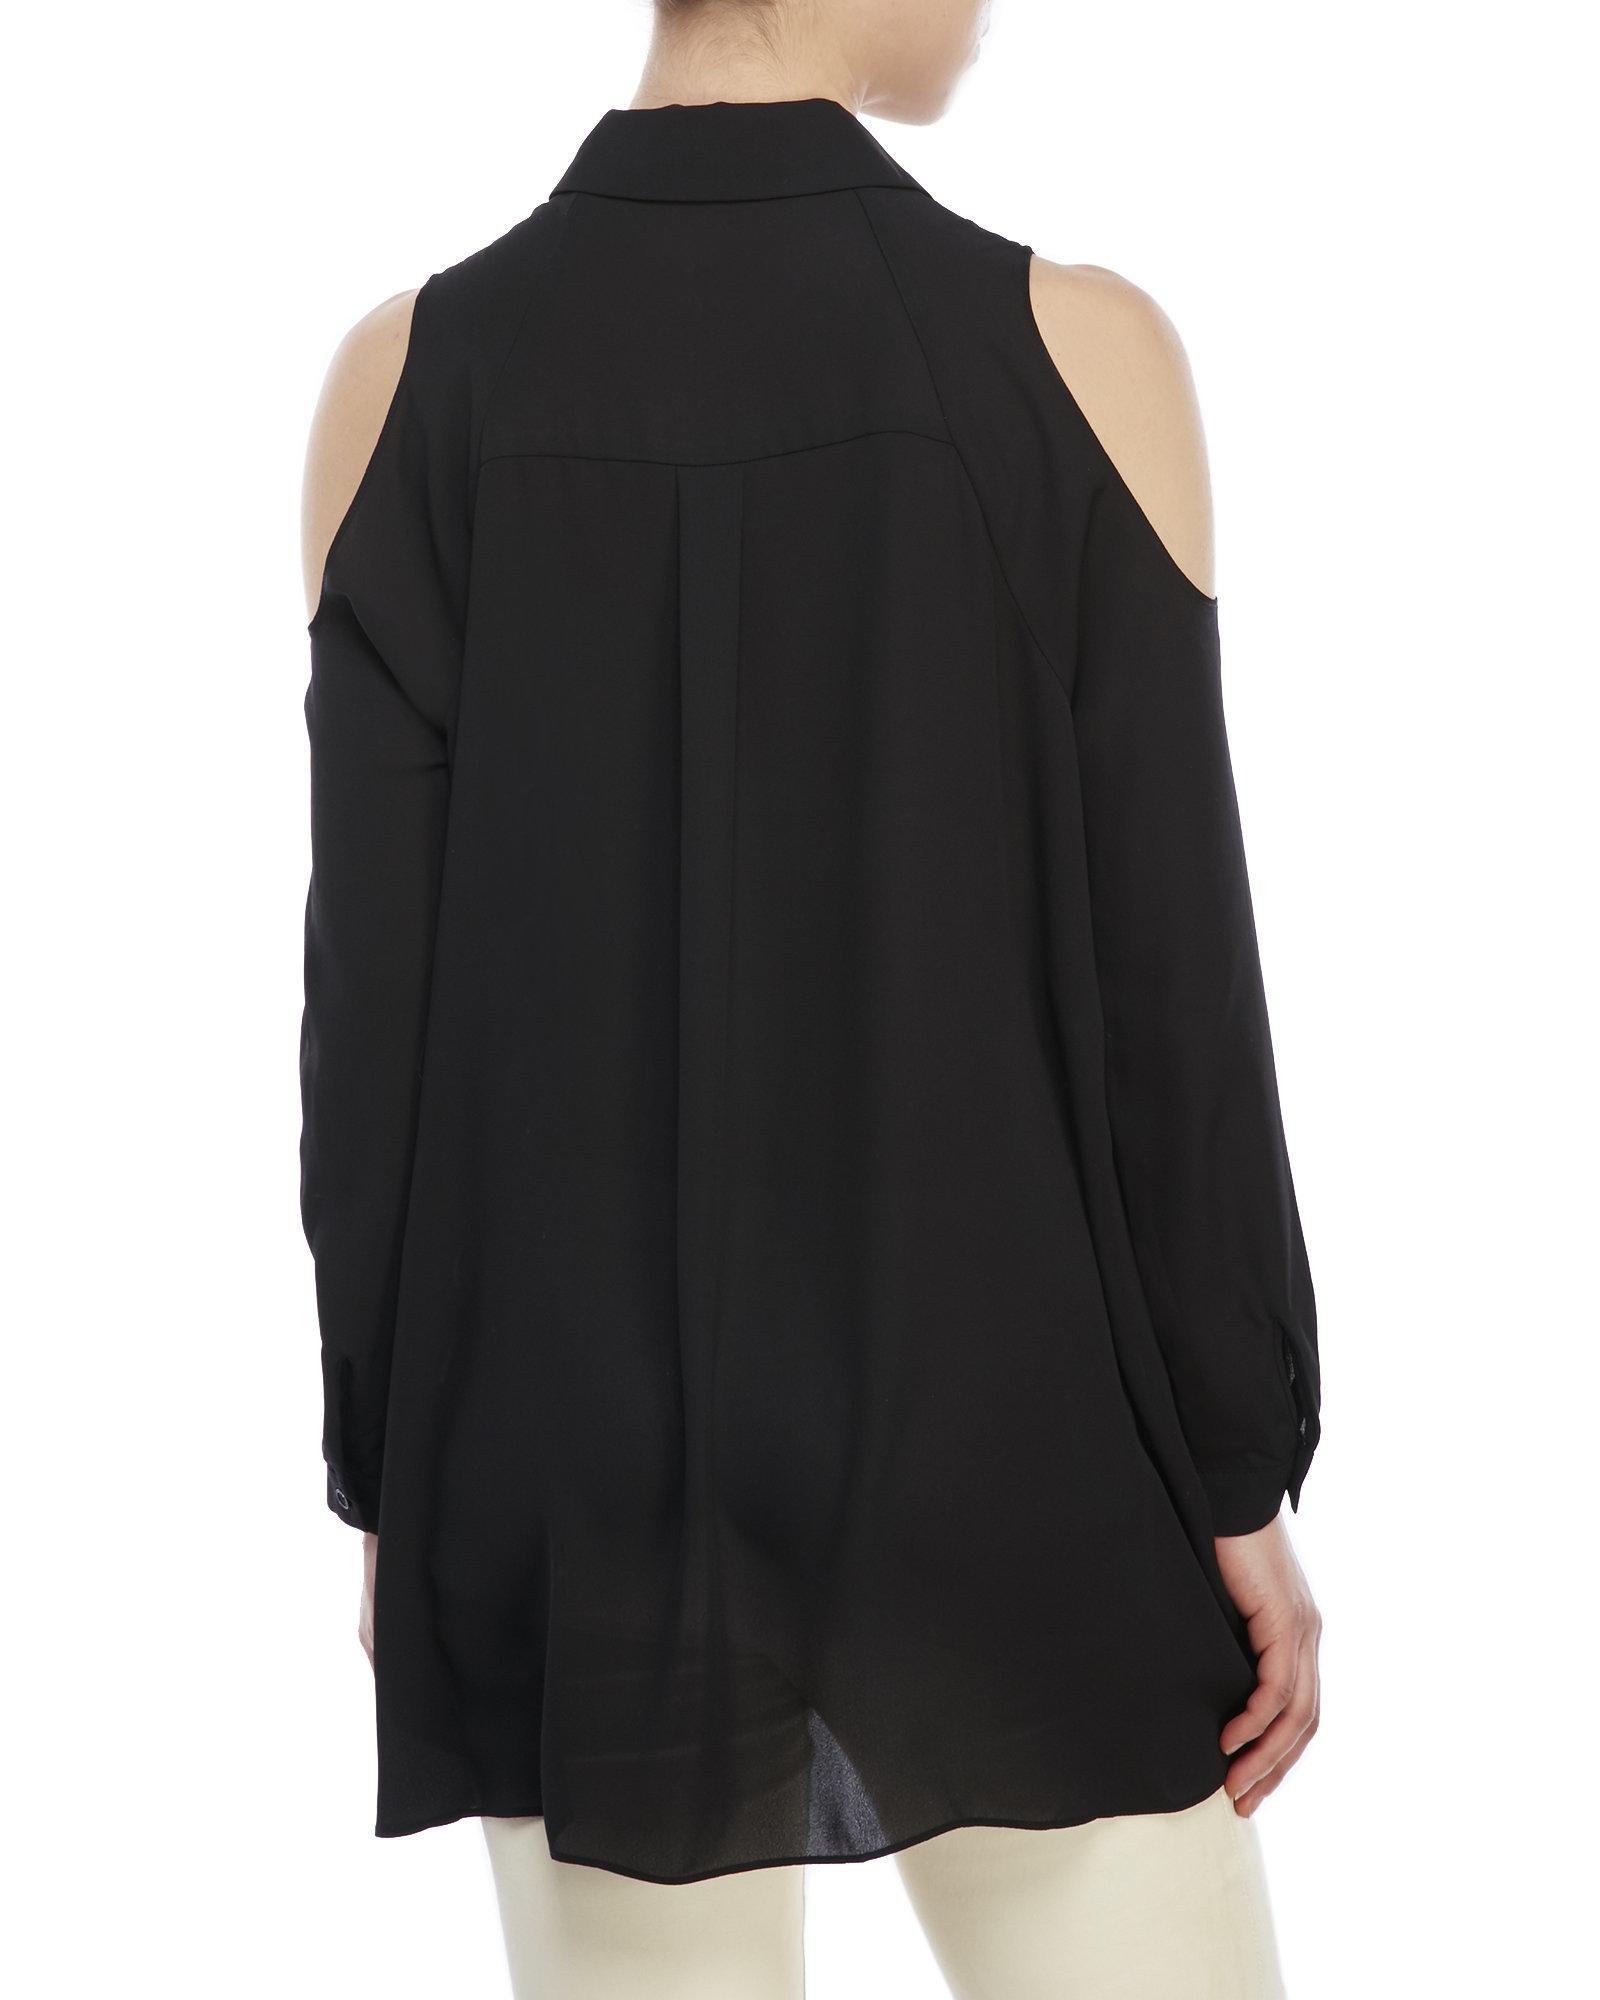 ab91f2ebb687c7 Lyst - ABS By Allen Schwartz Cold-Shoulder Button-Down Shirt in Black